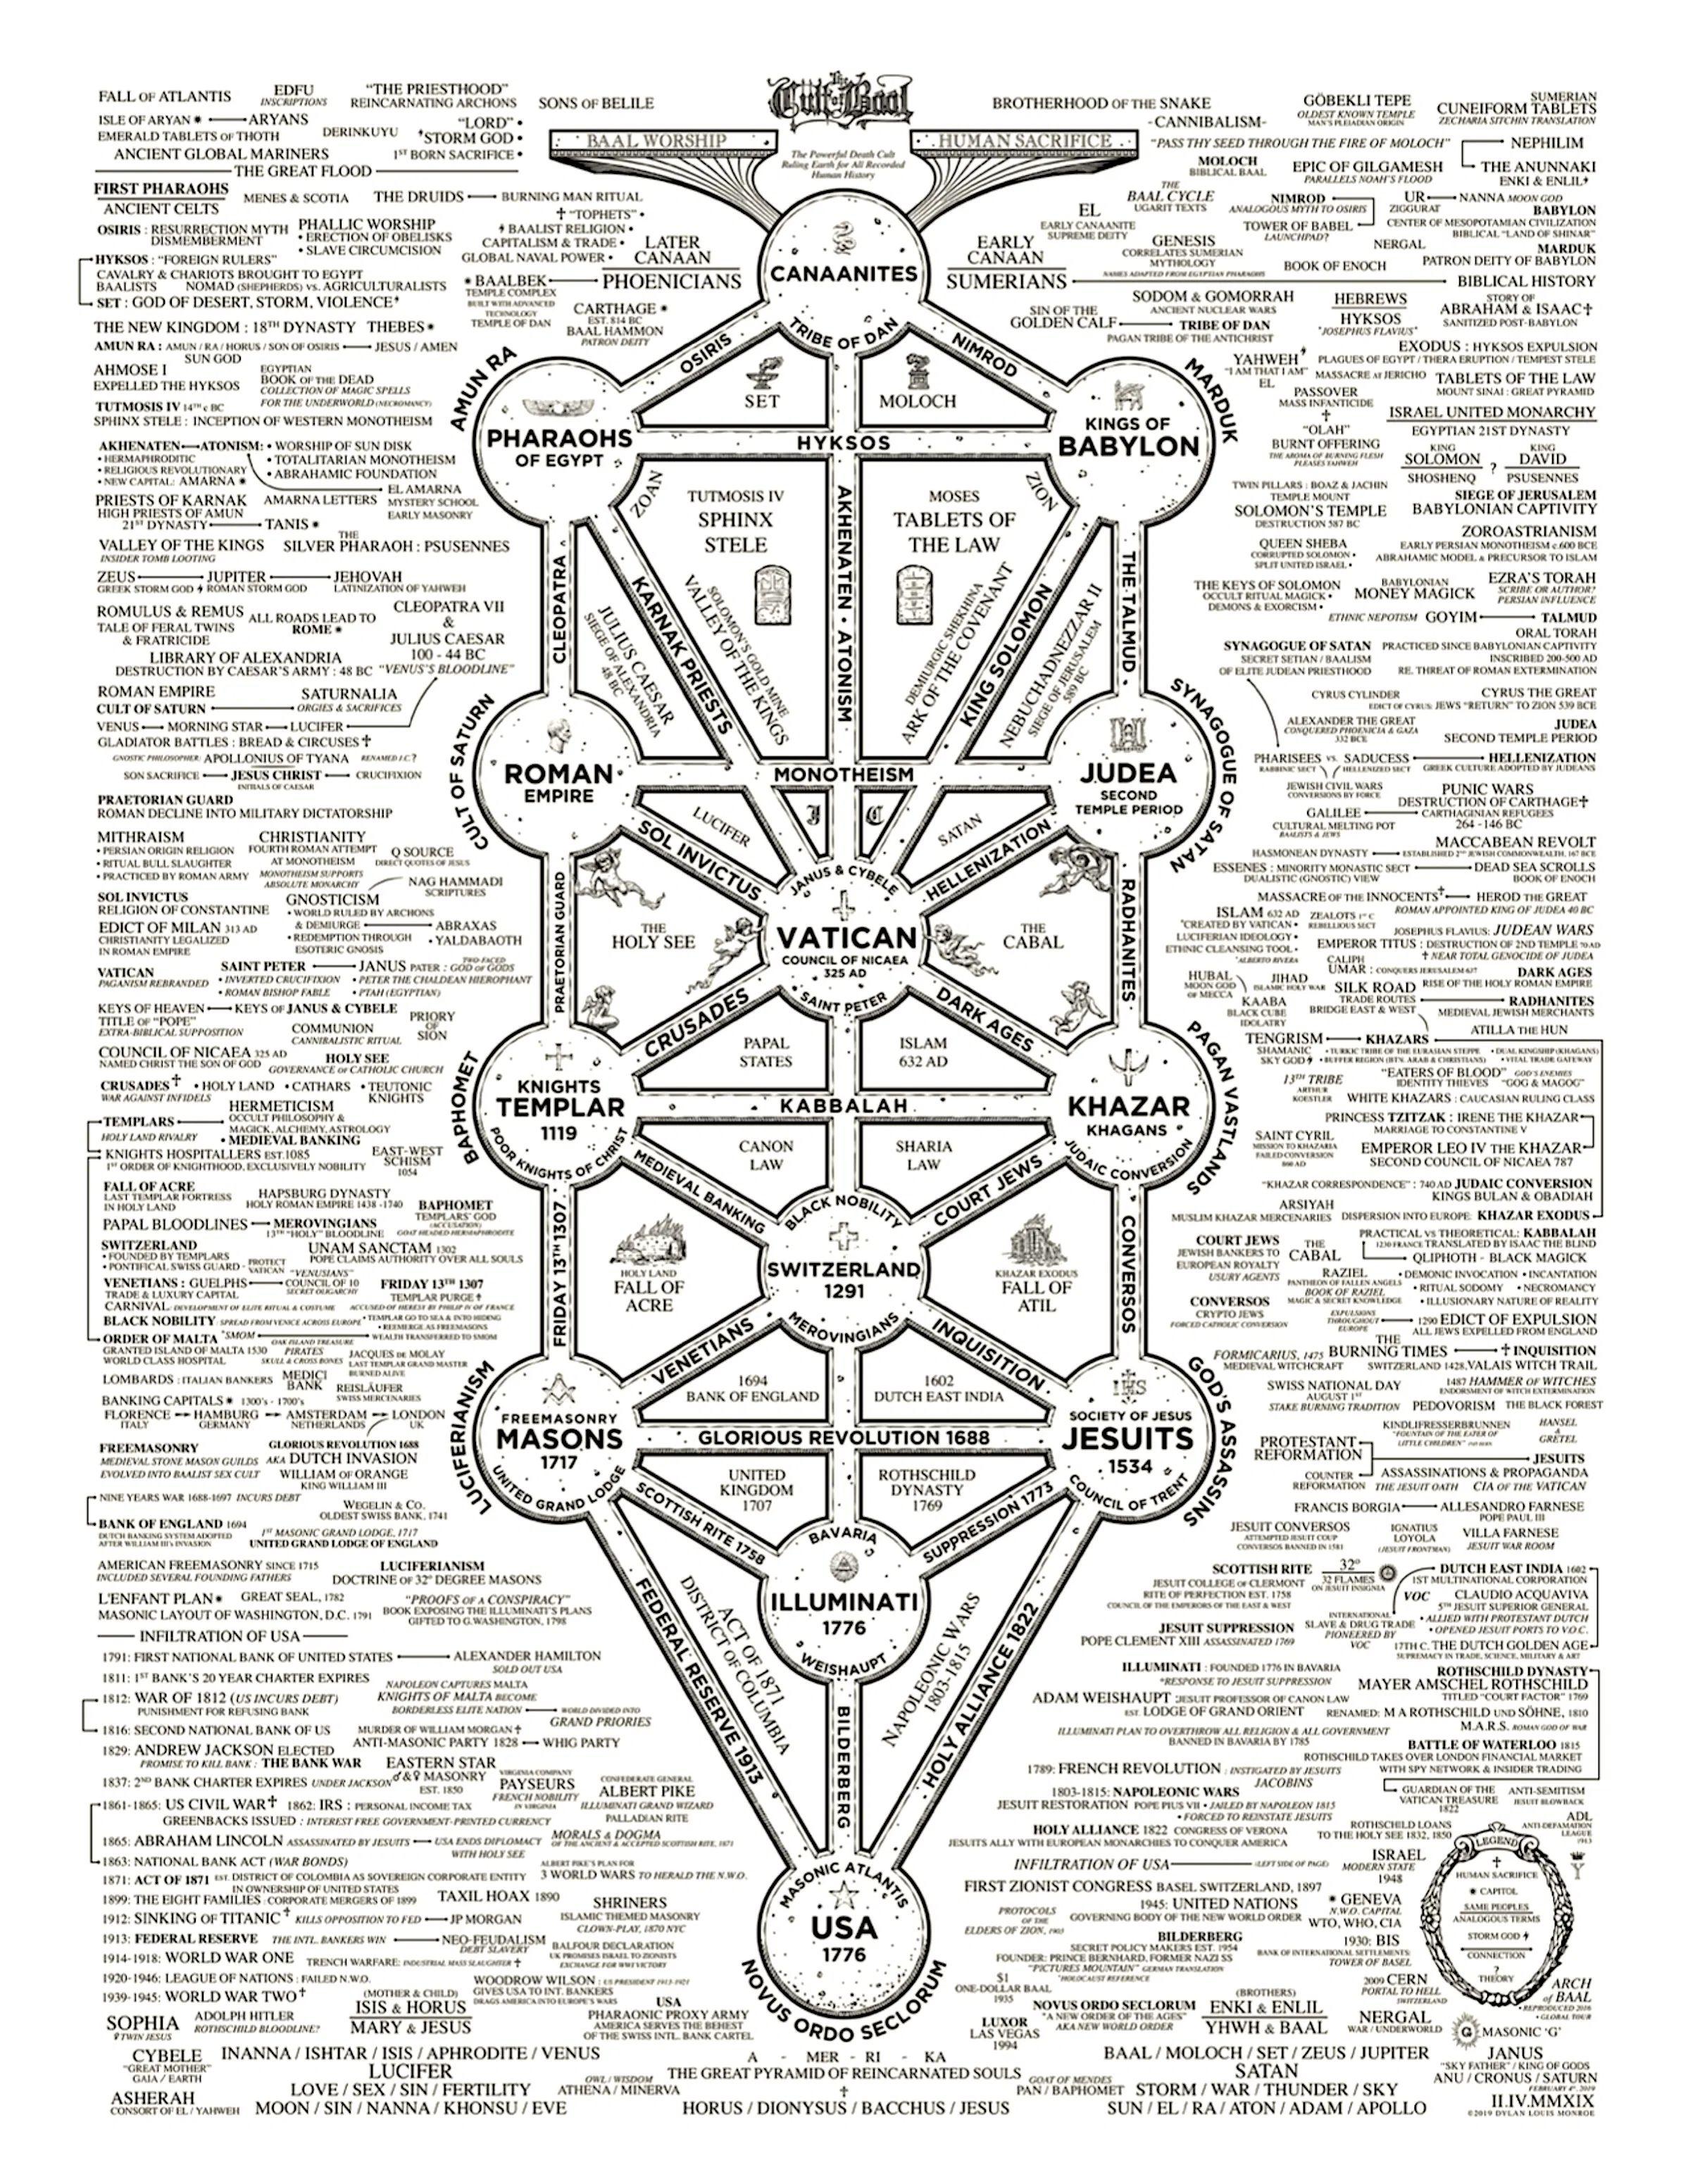 KINGS OF BABYLON - MAP